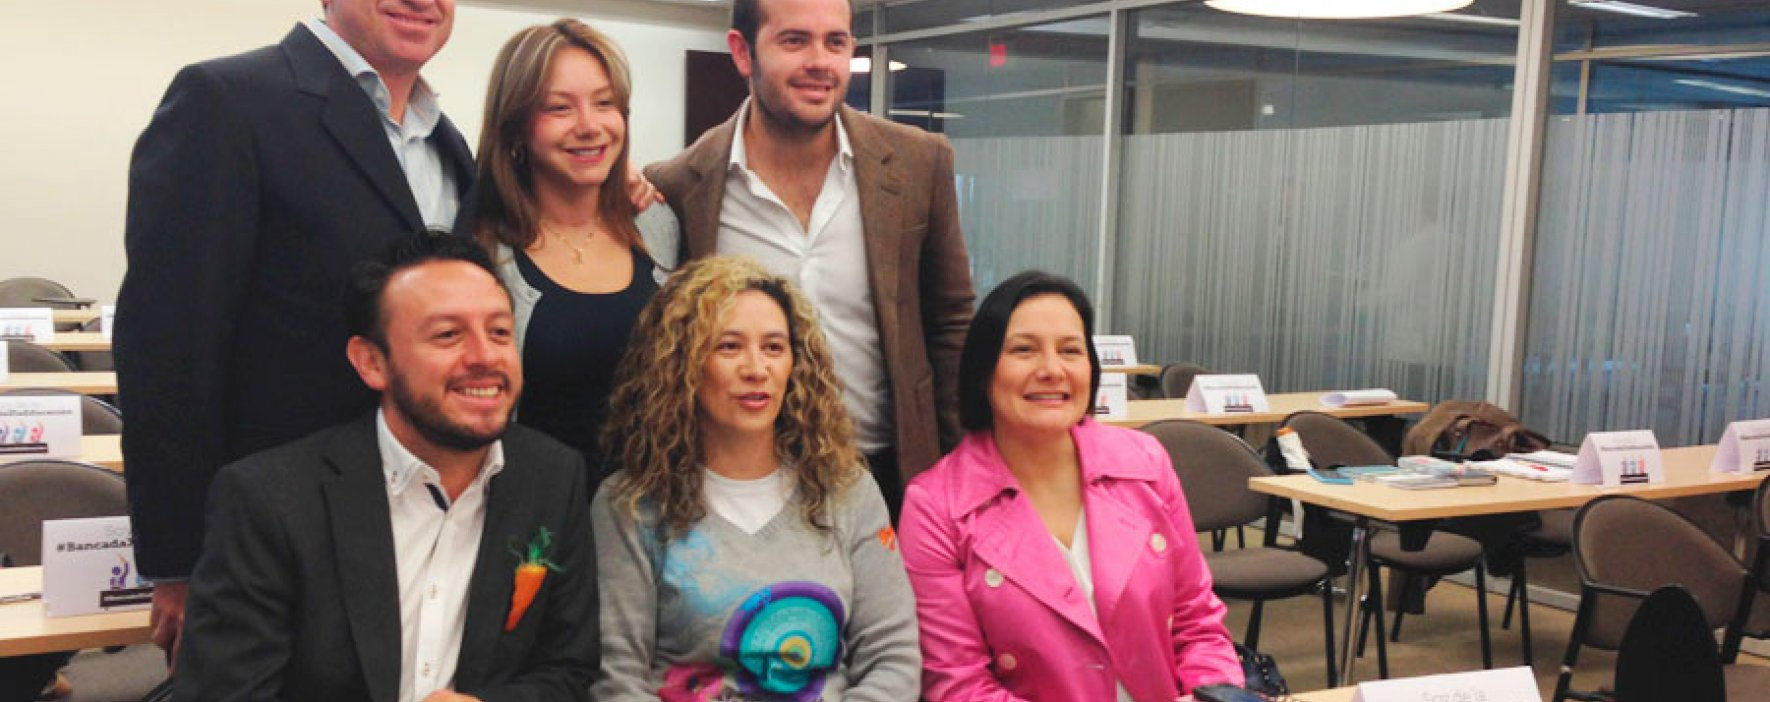 #BancadaXlaEducación en Bogotá